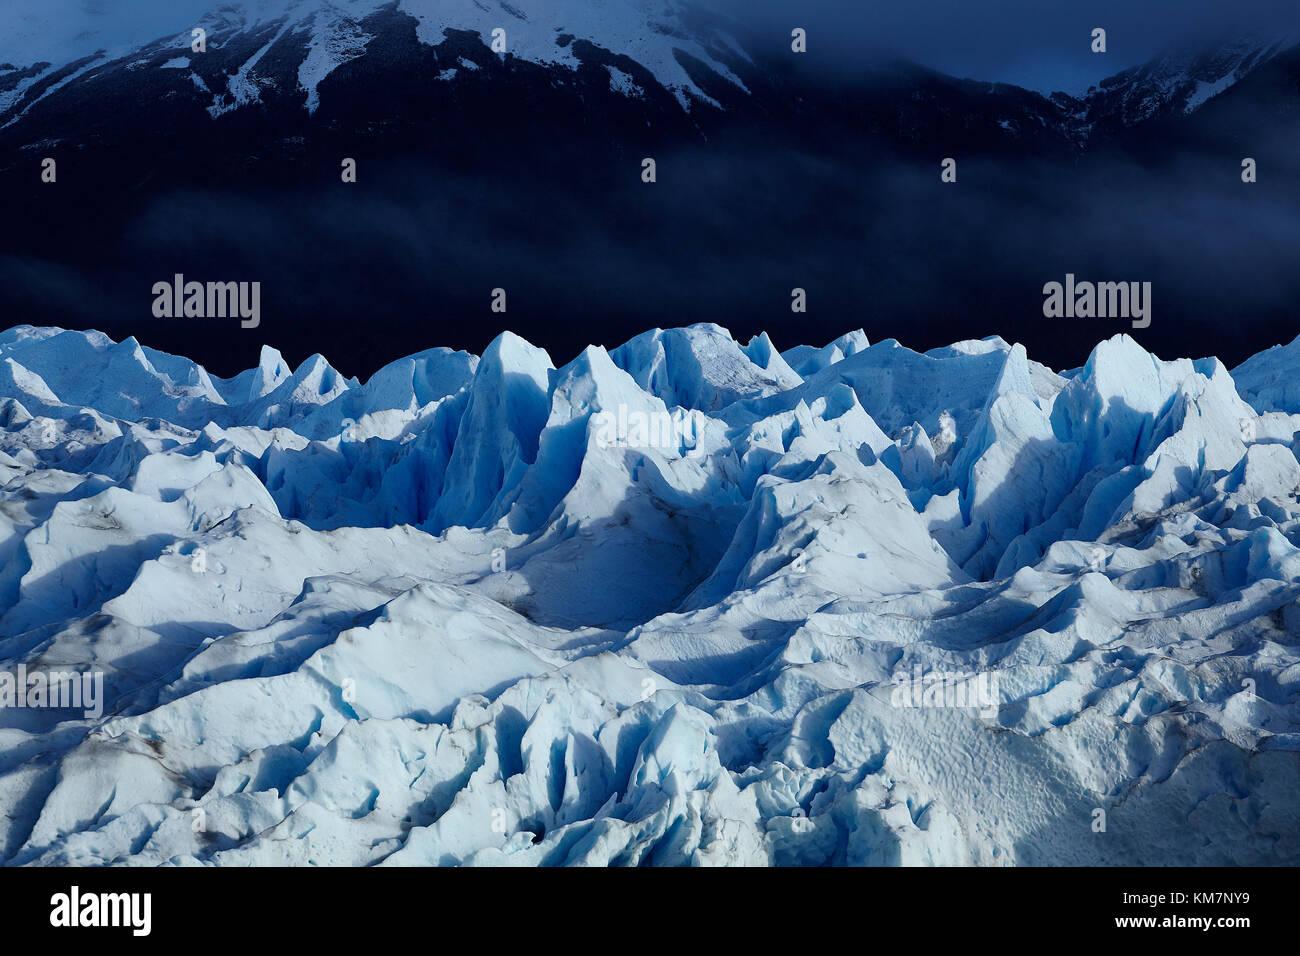 Glaciar Perito Moreno, parque nacional Los Glaciares (Zona patrimonio de la humanidad), Patagonia, Argentina, Sudamérica Foto de stock